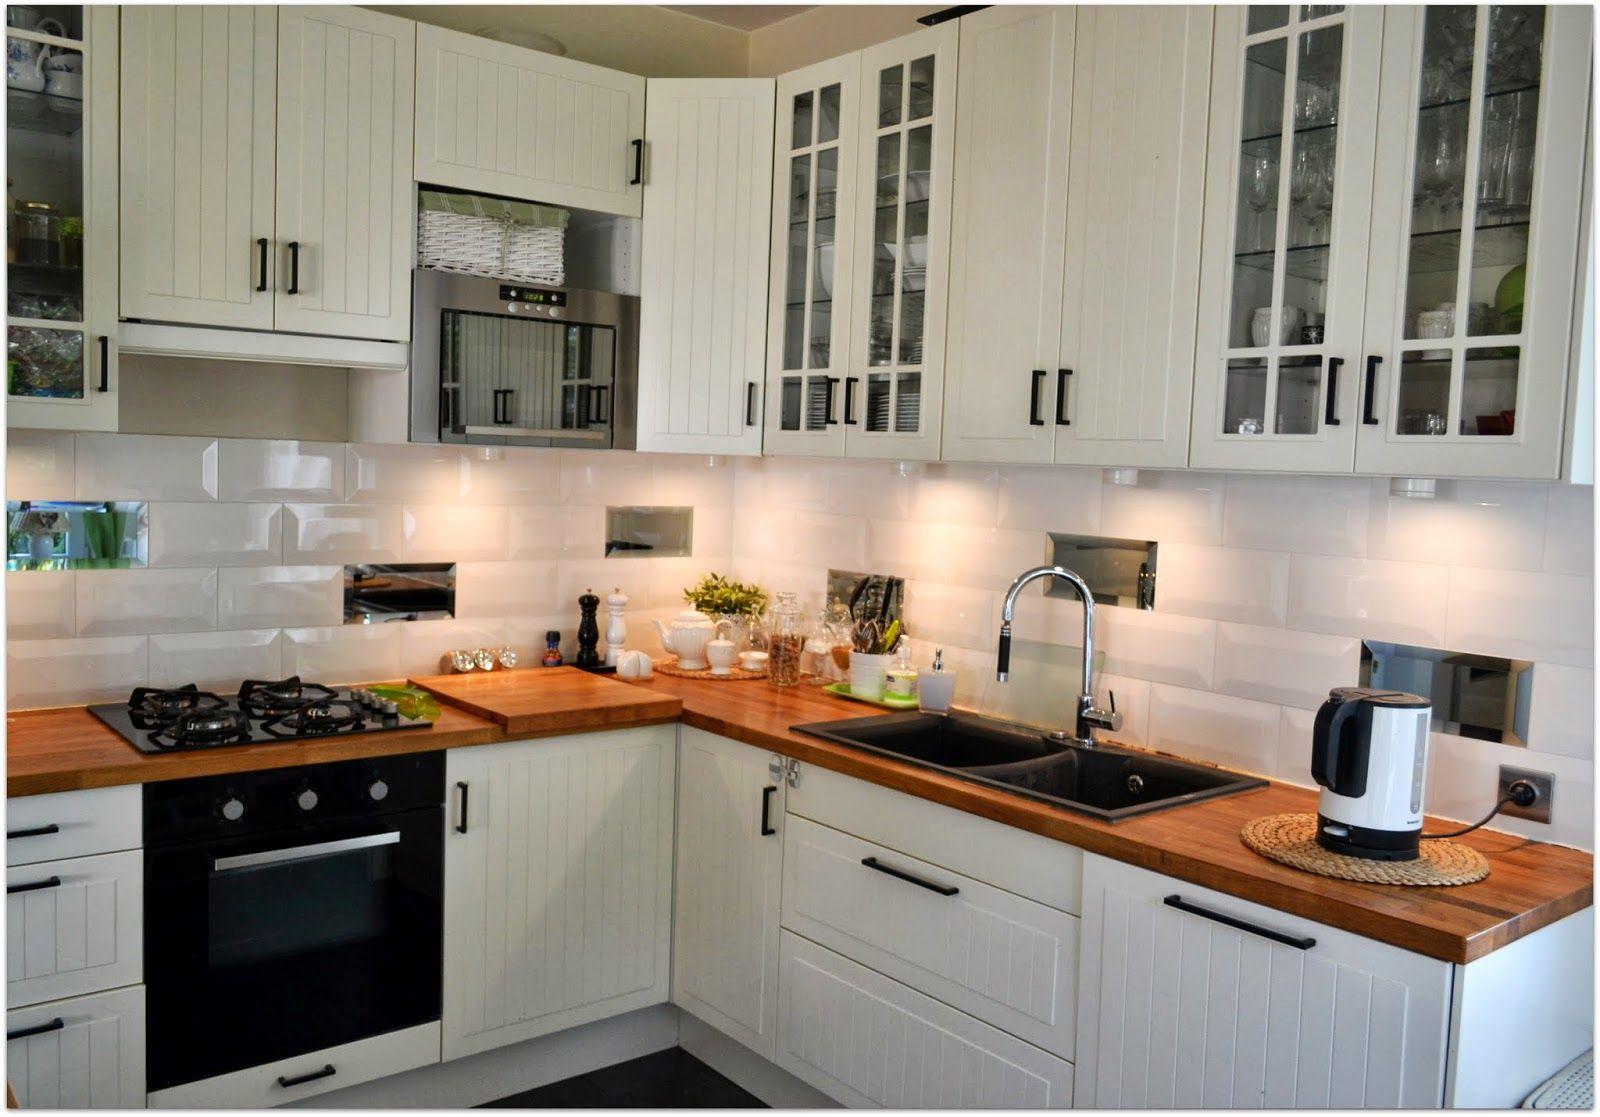 biała kuchnia ikea stat  Szukaj w Google  kuchnia   -> Kuchnia Ecru Z Czarnym Blatem